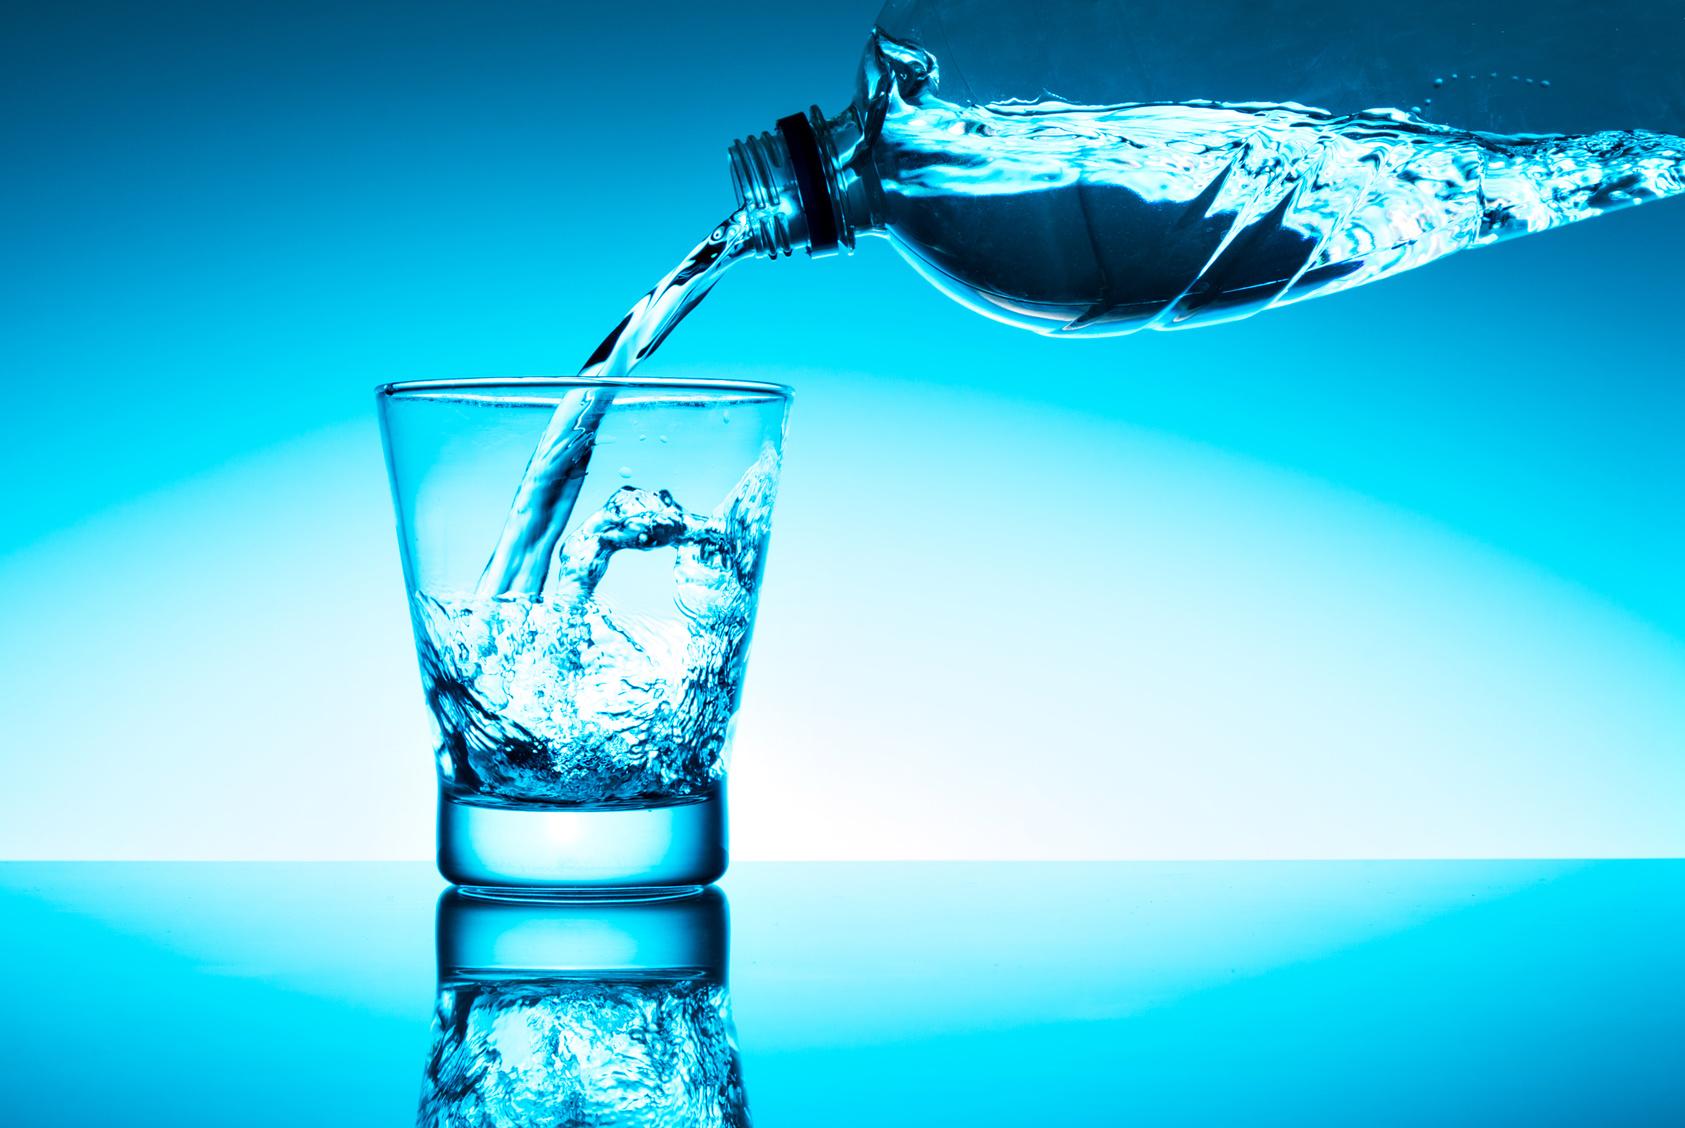 Acqua minerale, quale scegliere per la salute e perché: verità, falsi miti e consigli dell'esperta